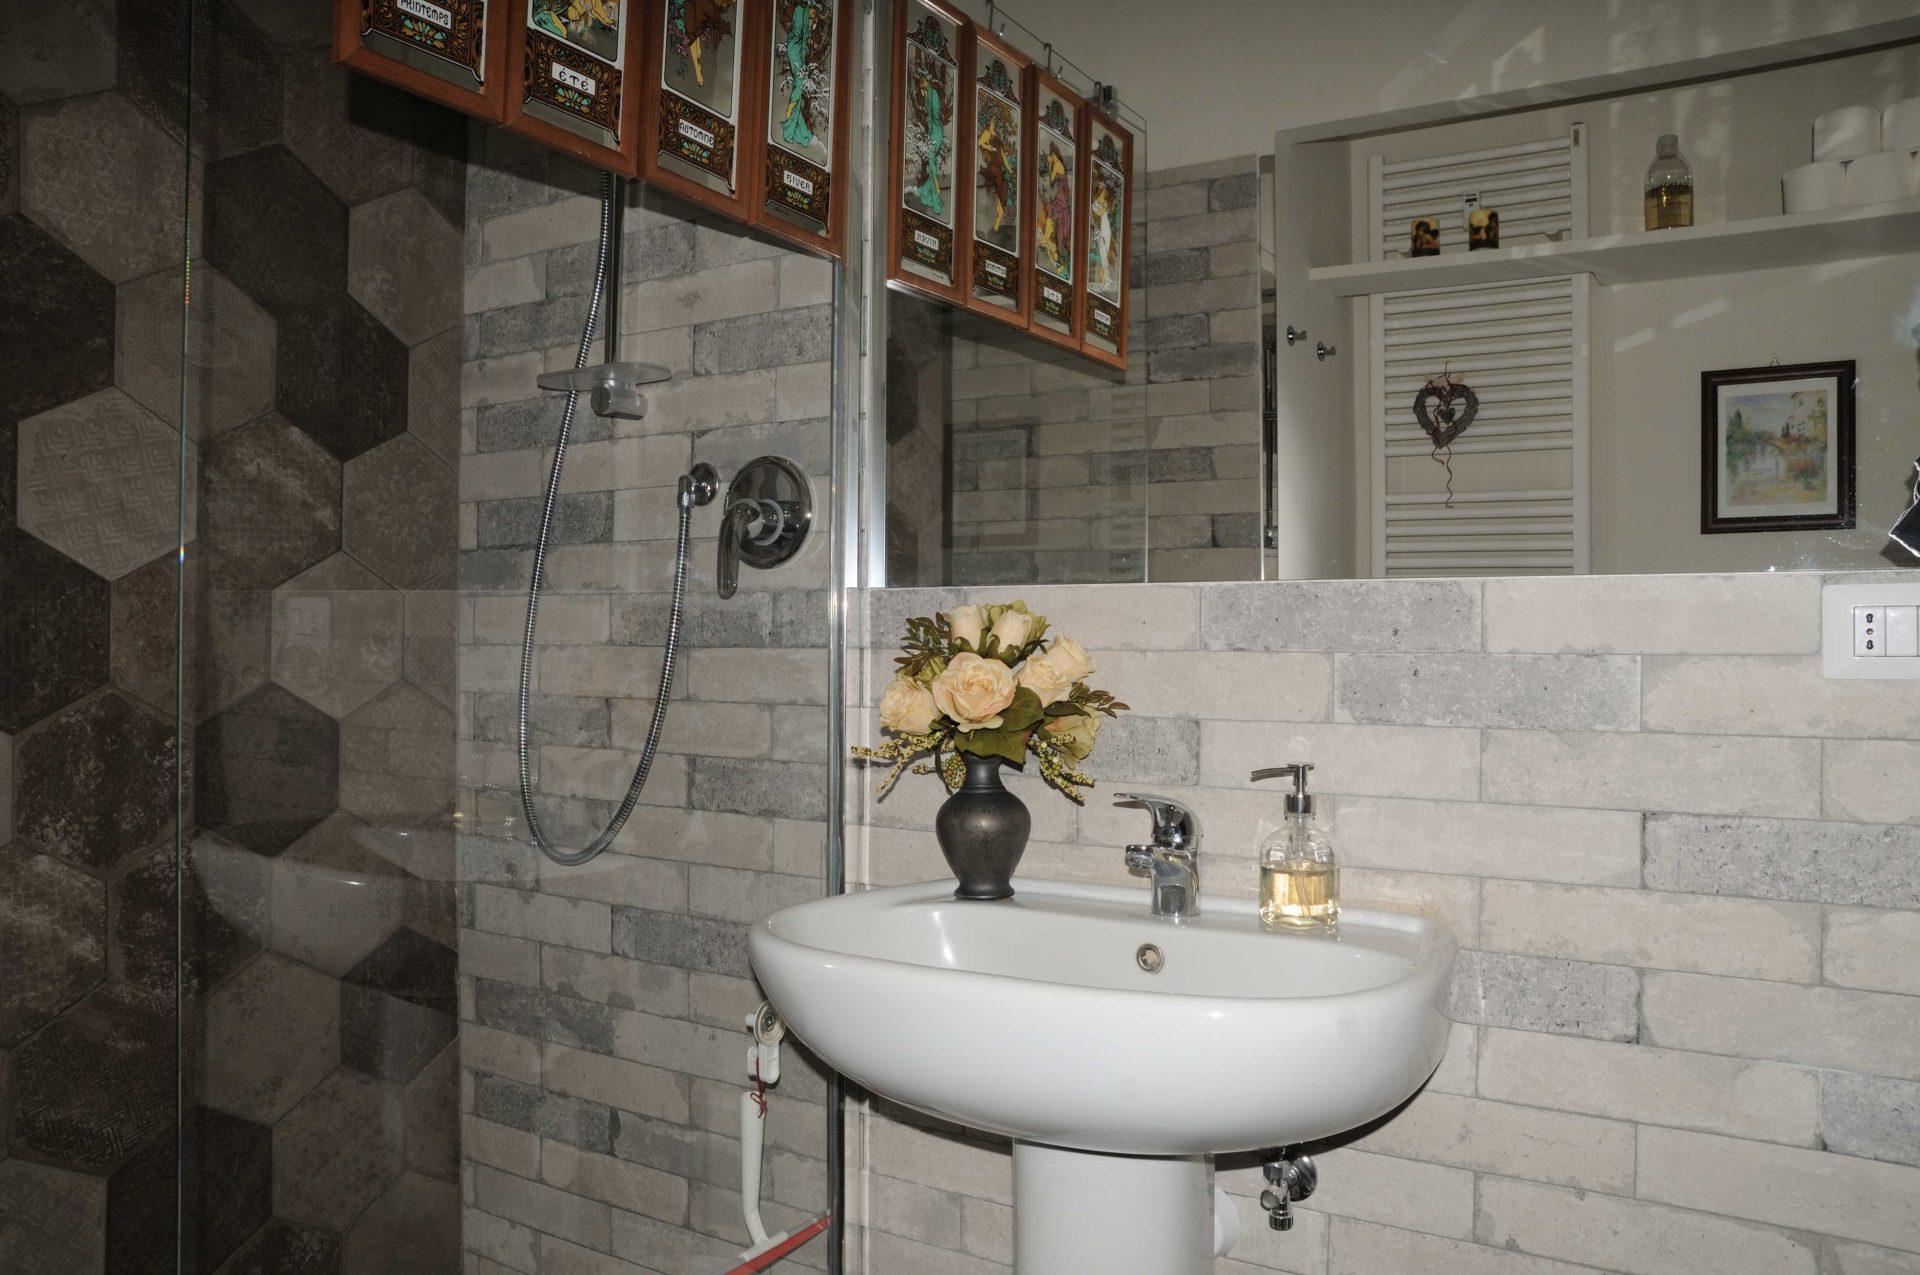 Casacrivello camera piccola bagno casa crivello for 2 bagni piccola casa